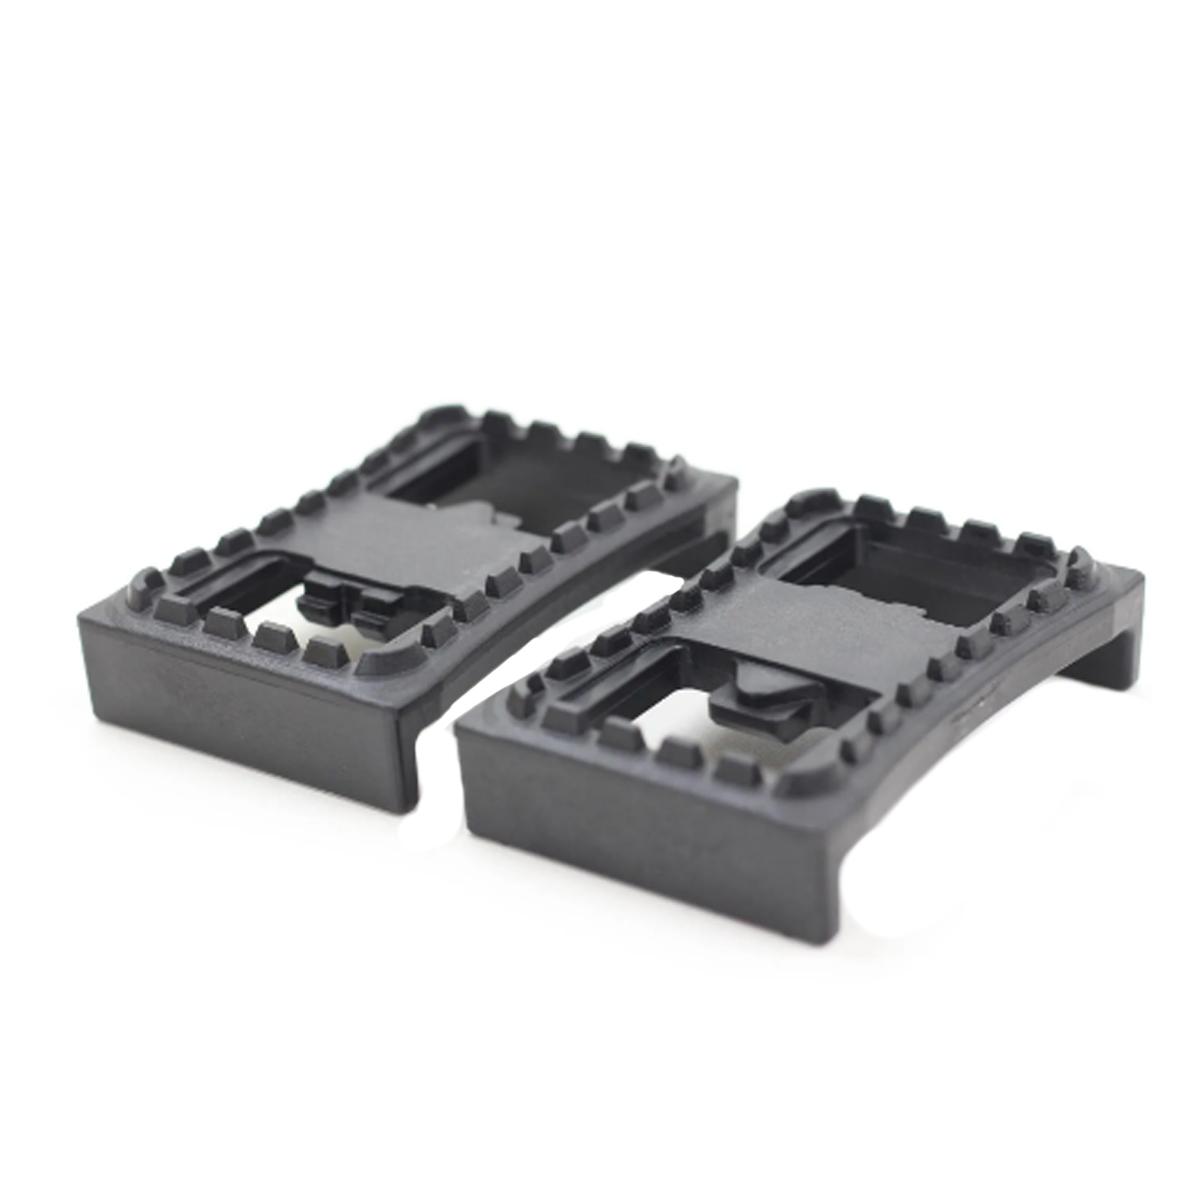 Plataforma Base Apoio P/ Pedal Clip Nylon Preto